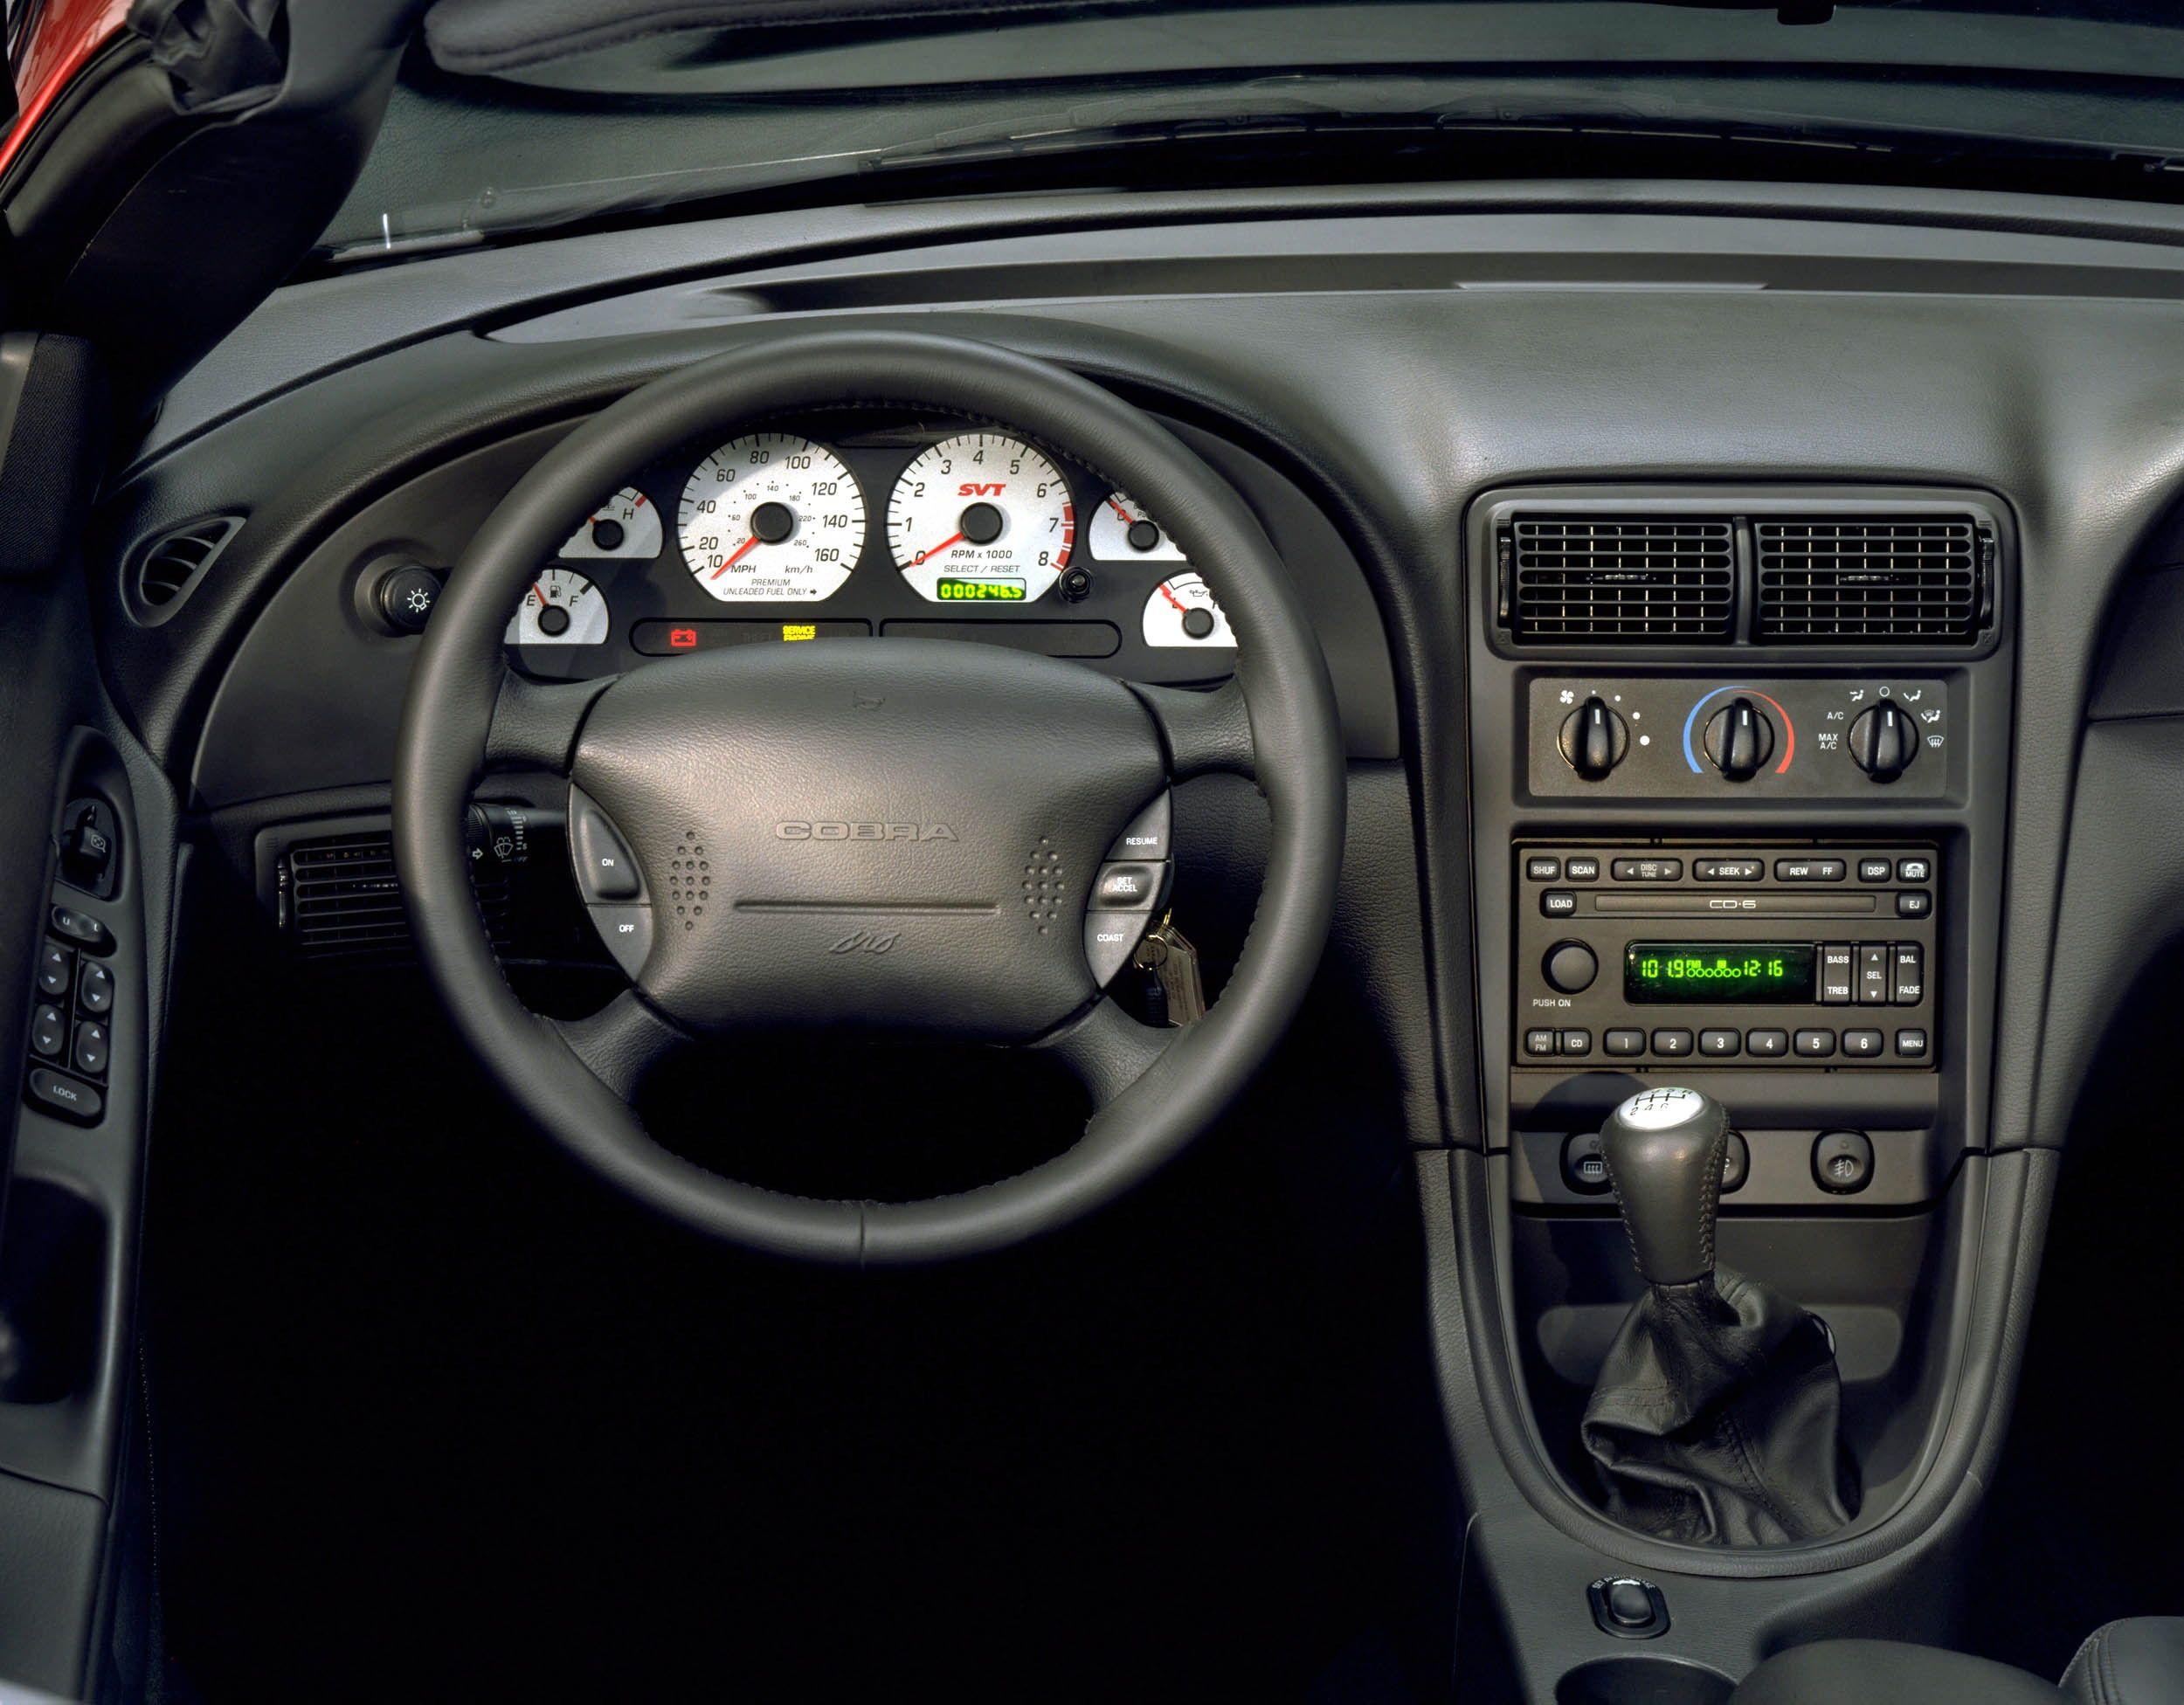 2003 2004 Ford Mustang Svt Cobra In 2020 Mustang Interior 2004 Ford Mustang Ford Mustang Interior